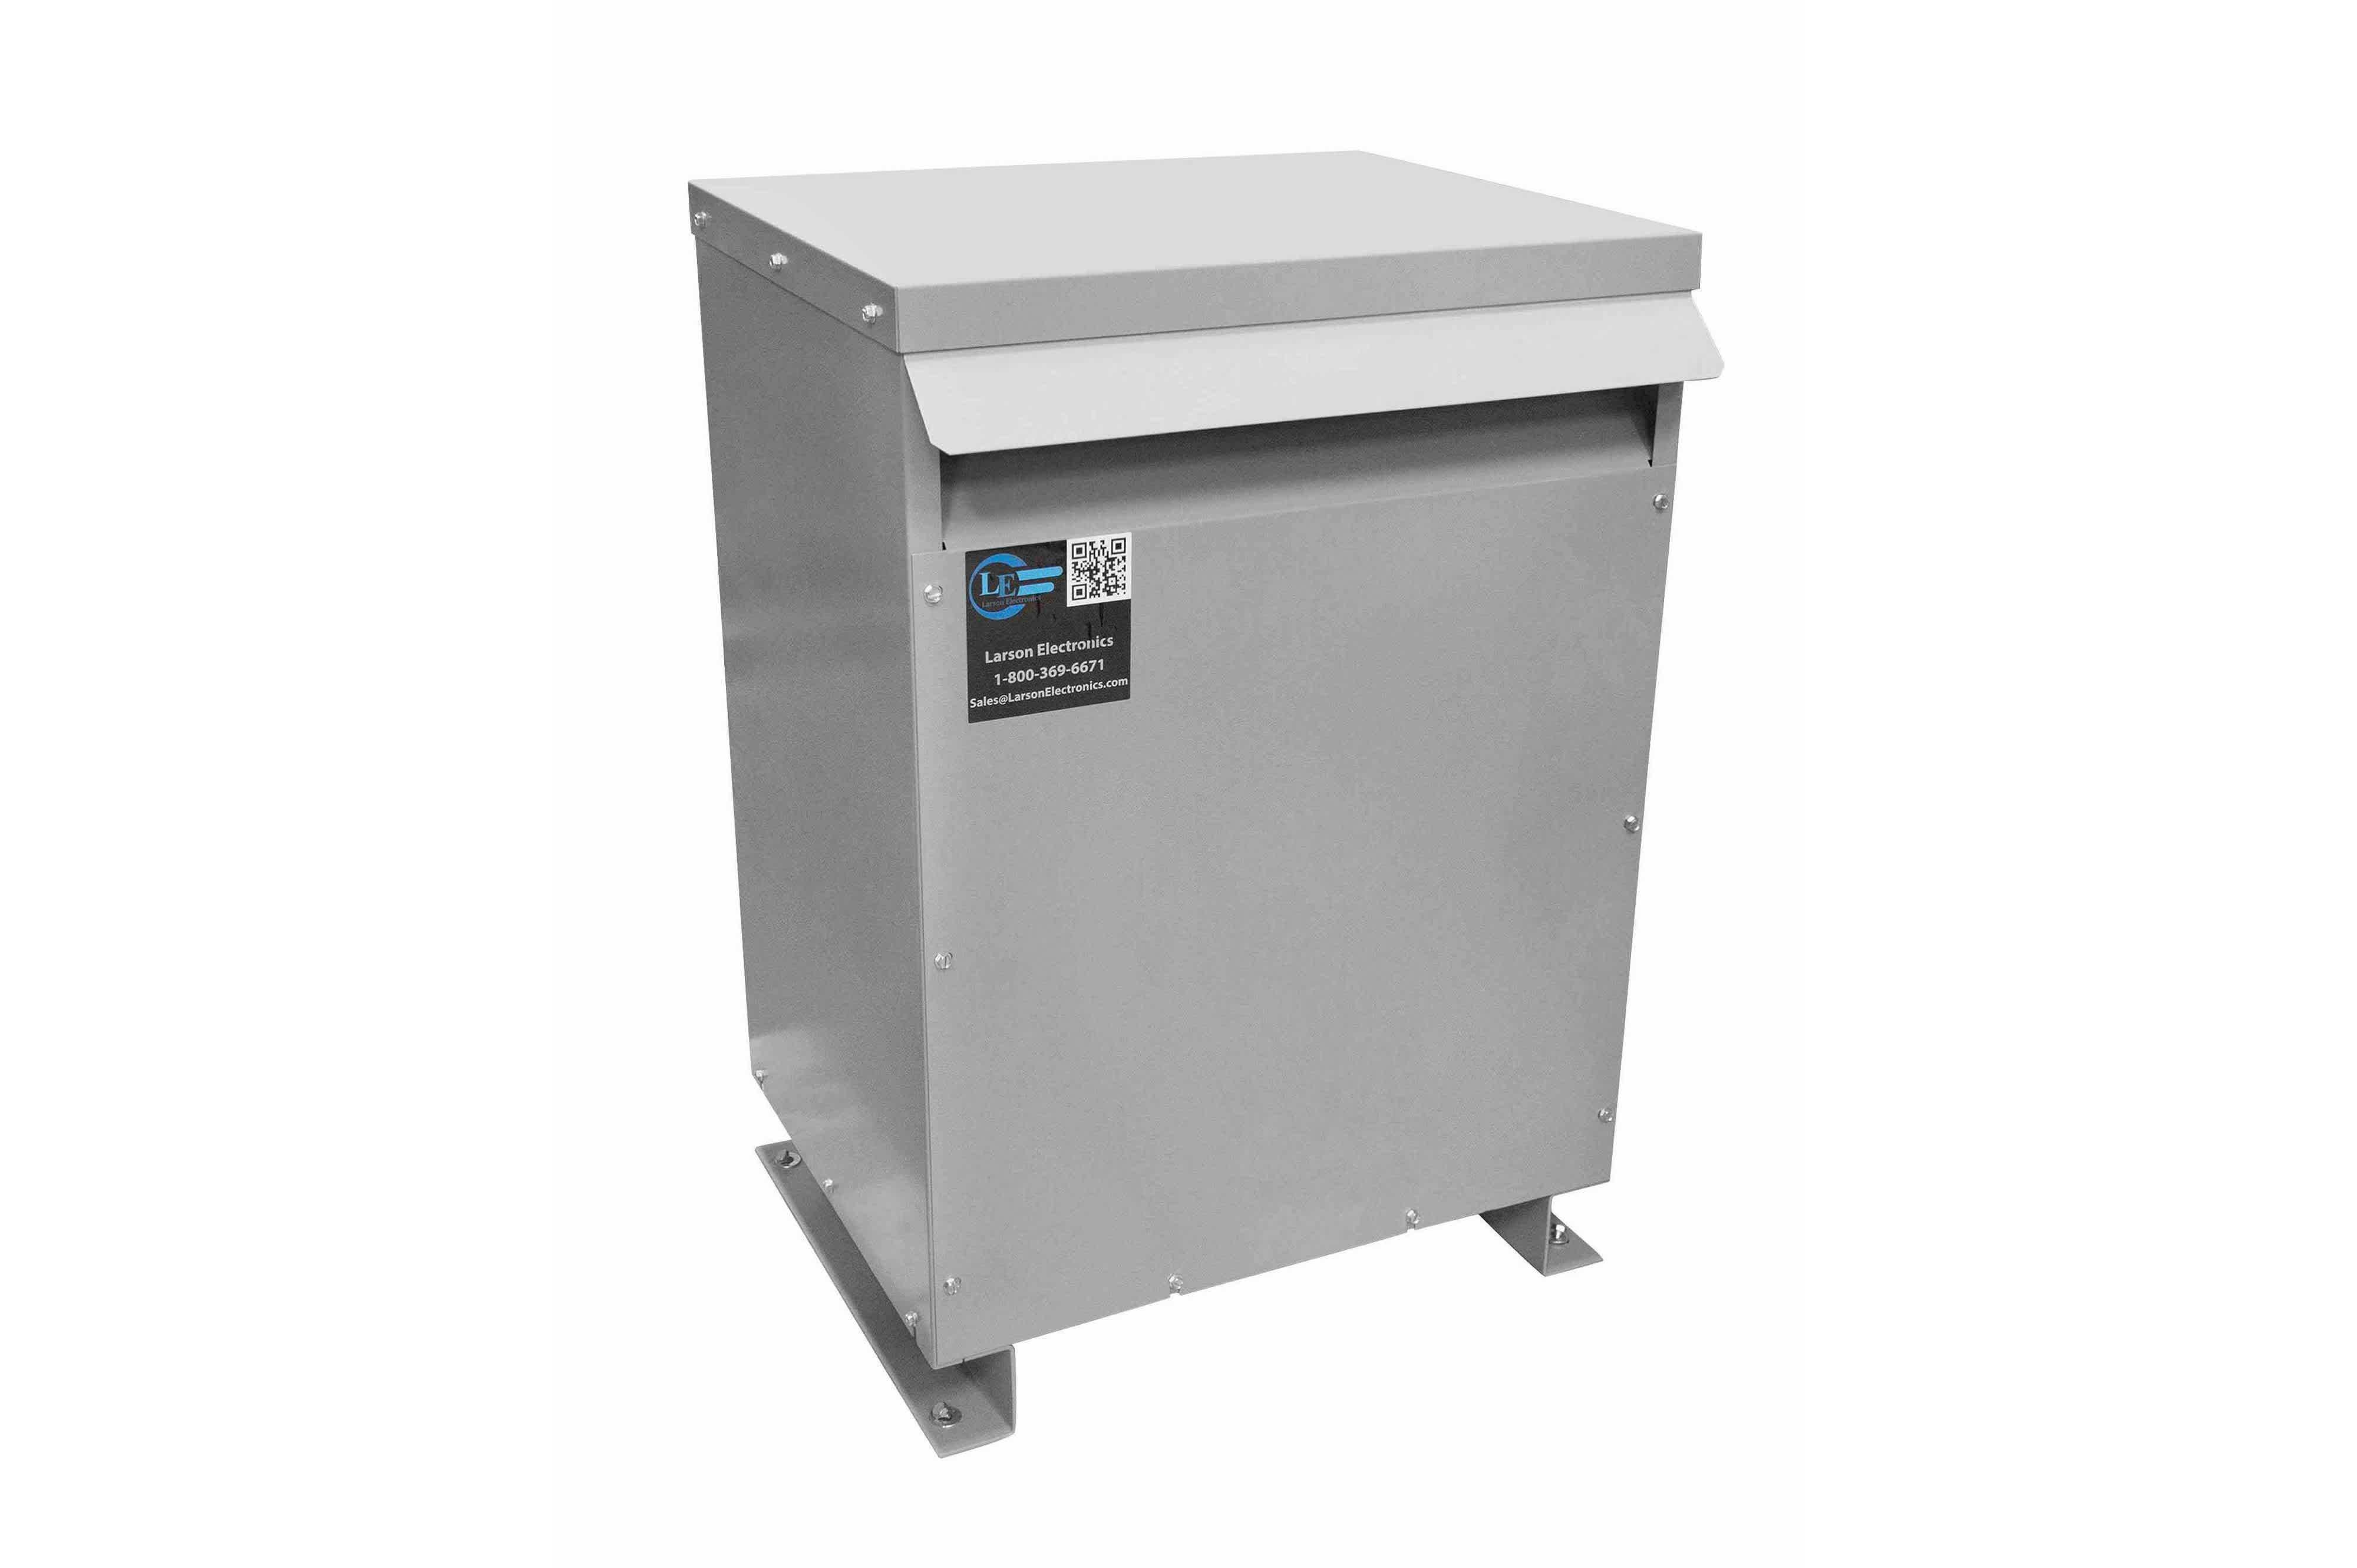 52.5 kVA 3PH Isolation Transformer, 575V Delta Primary, 240 Delta Secondary, N3R, Ventilated, 60 Hz